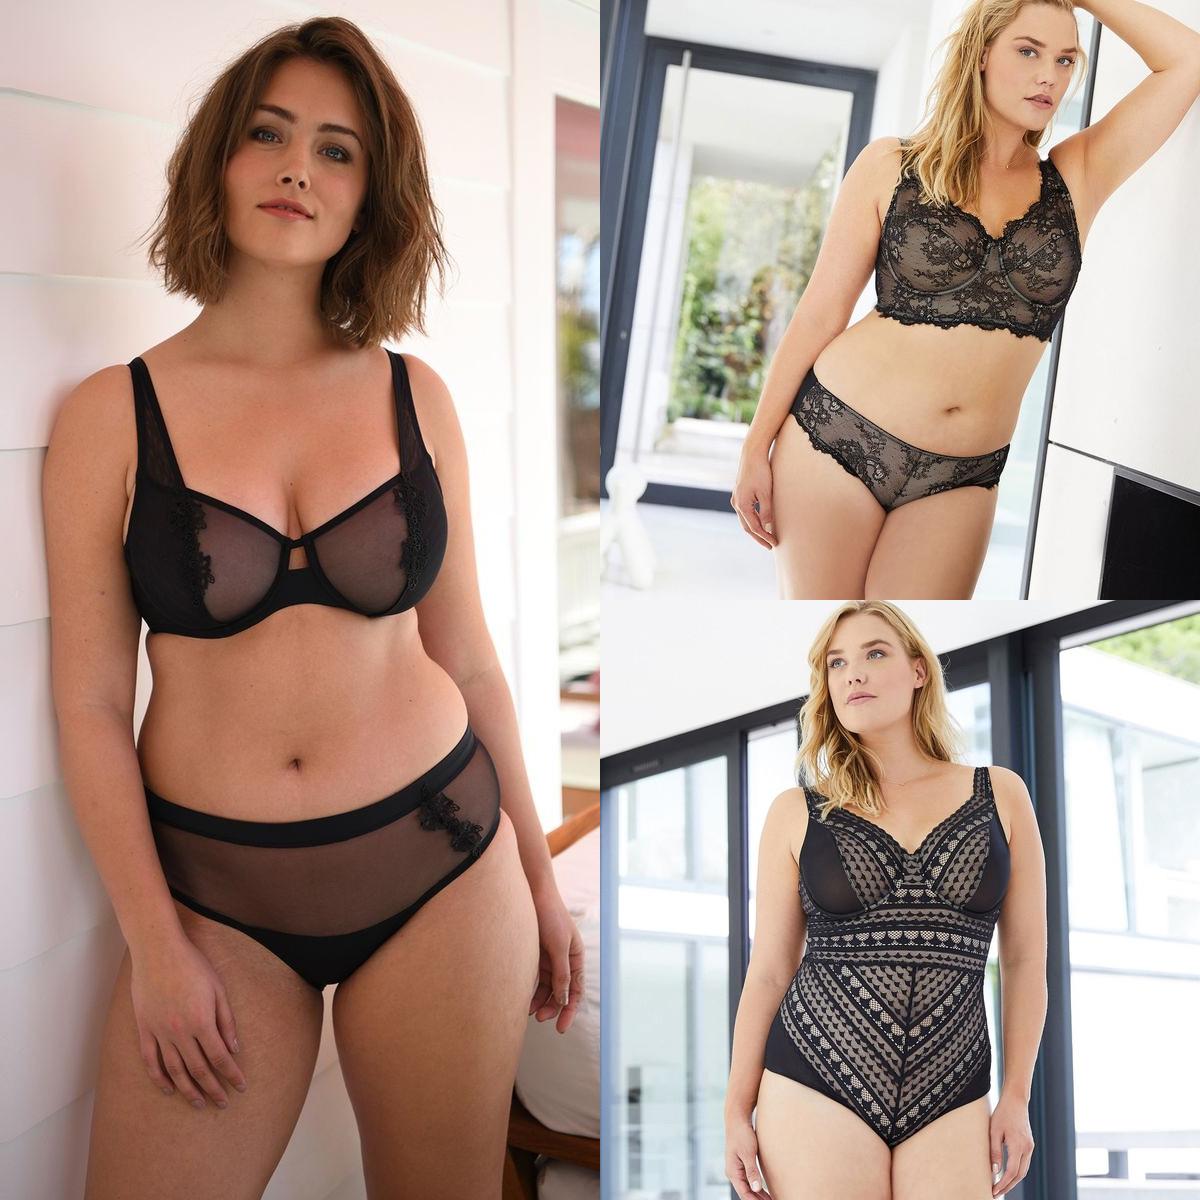 Craquez pour la collection sexy de lingerie Castaluna